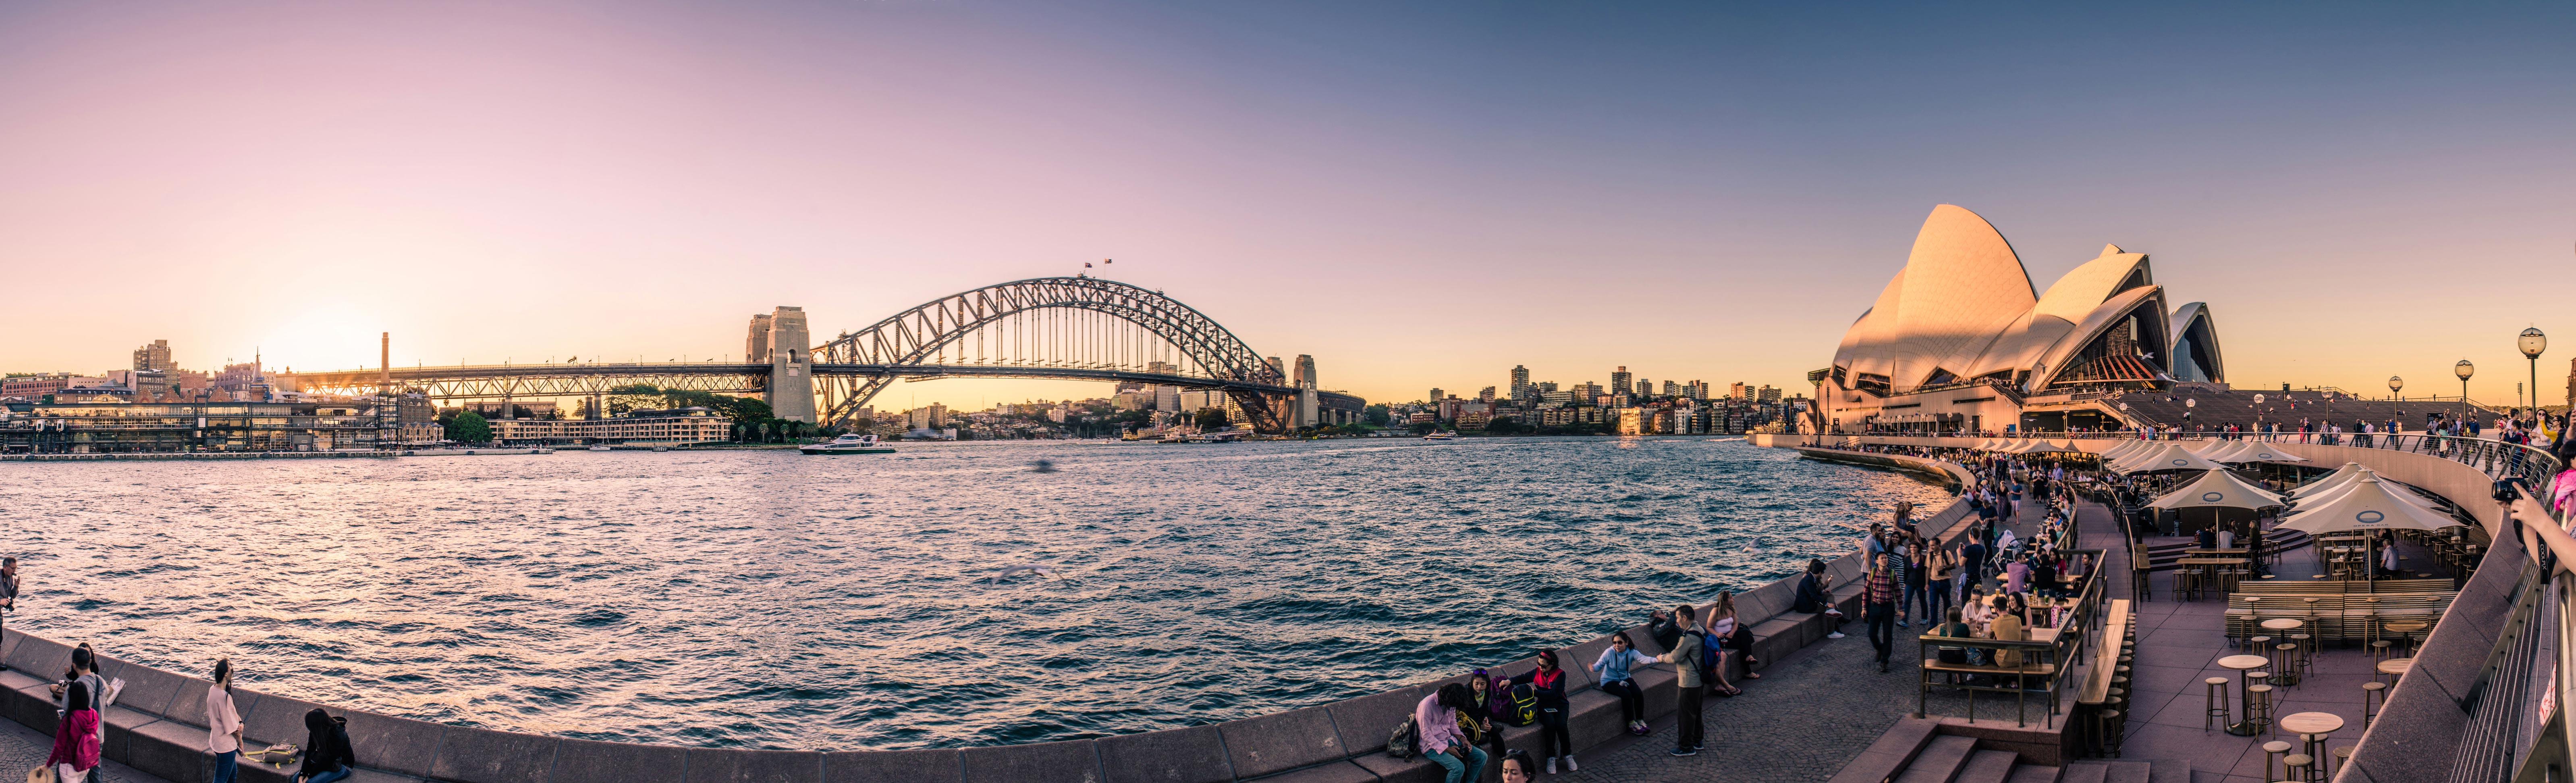 Paesaggi-Australia - DSC 7617  - Sydney-Opera-House_Harbour-Bridge-Australia - Sydney-Opera-House_Harbour-Bridge-Australia